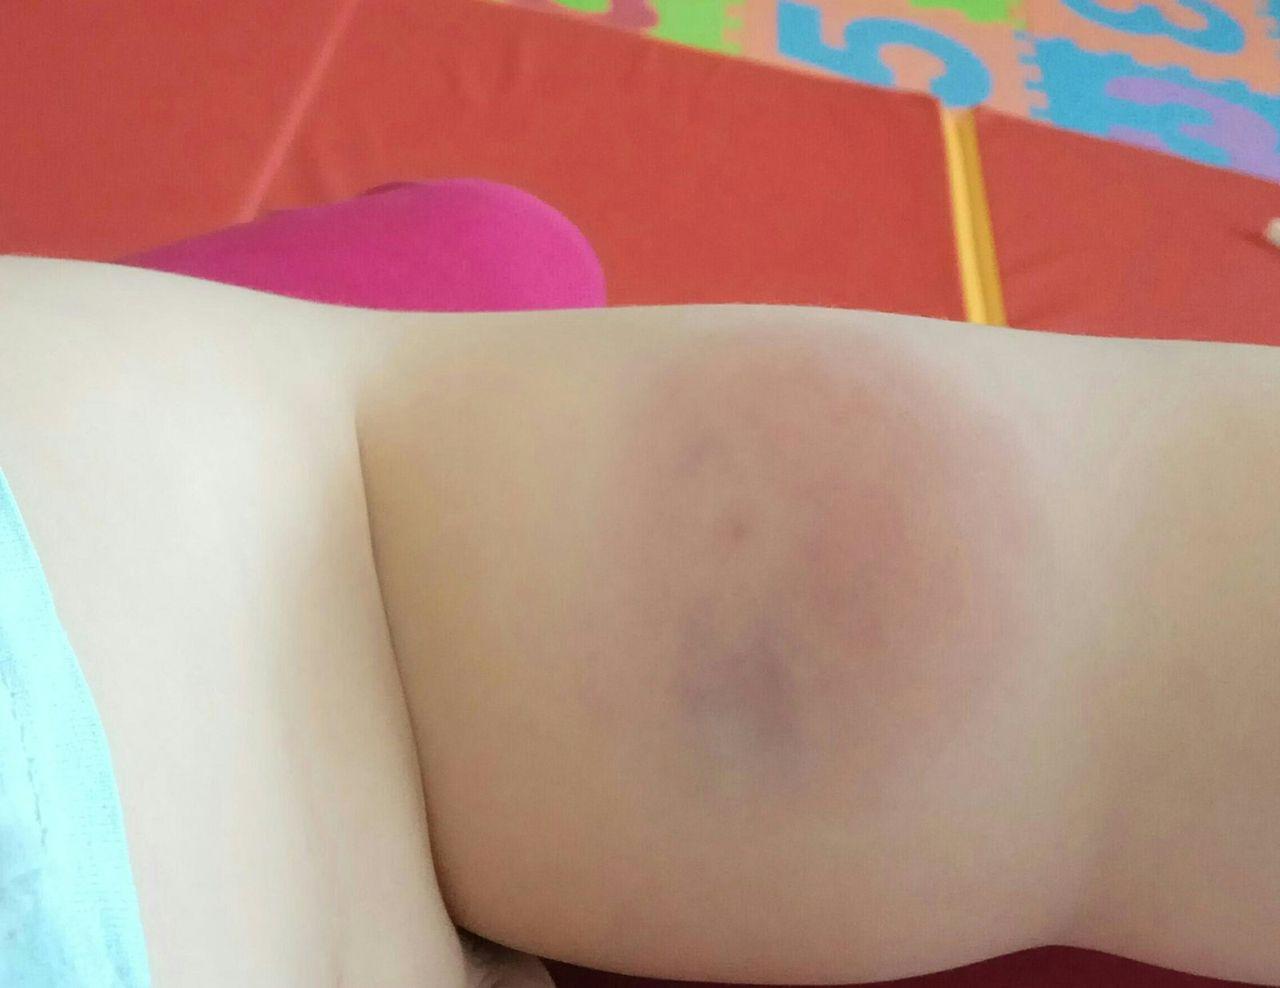 После прививки в частном детском медцентре у маленького кемеровчанина начался отек ноги / VSE42.RU Новости